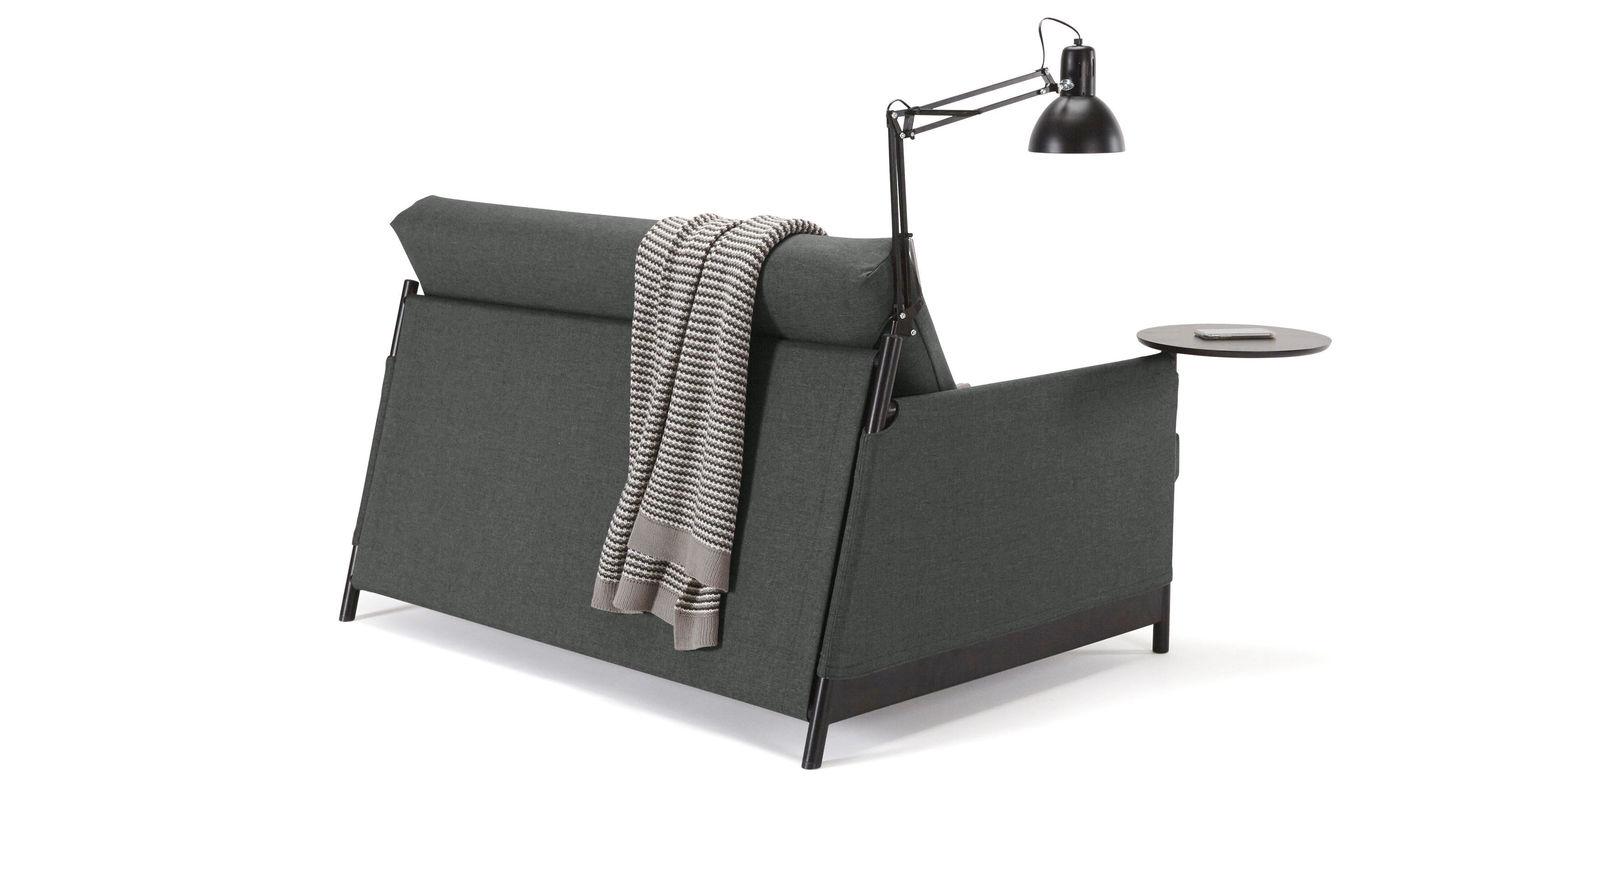 Geradliniges und modernes Design vom Schlafsofa Staines